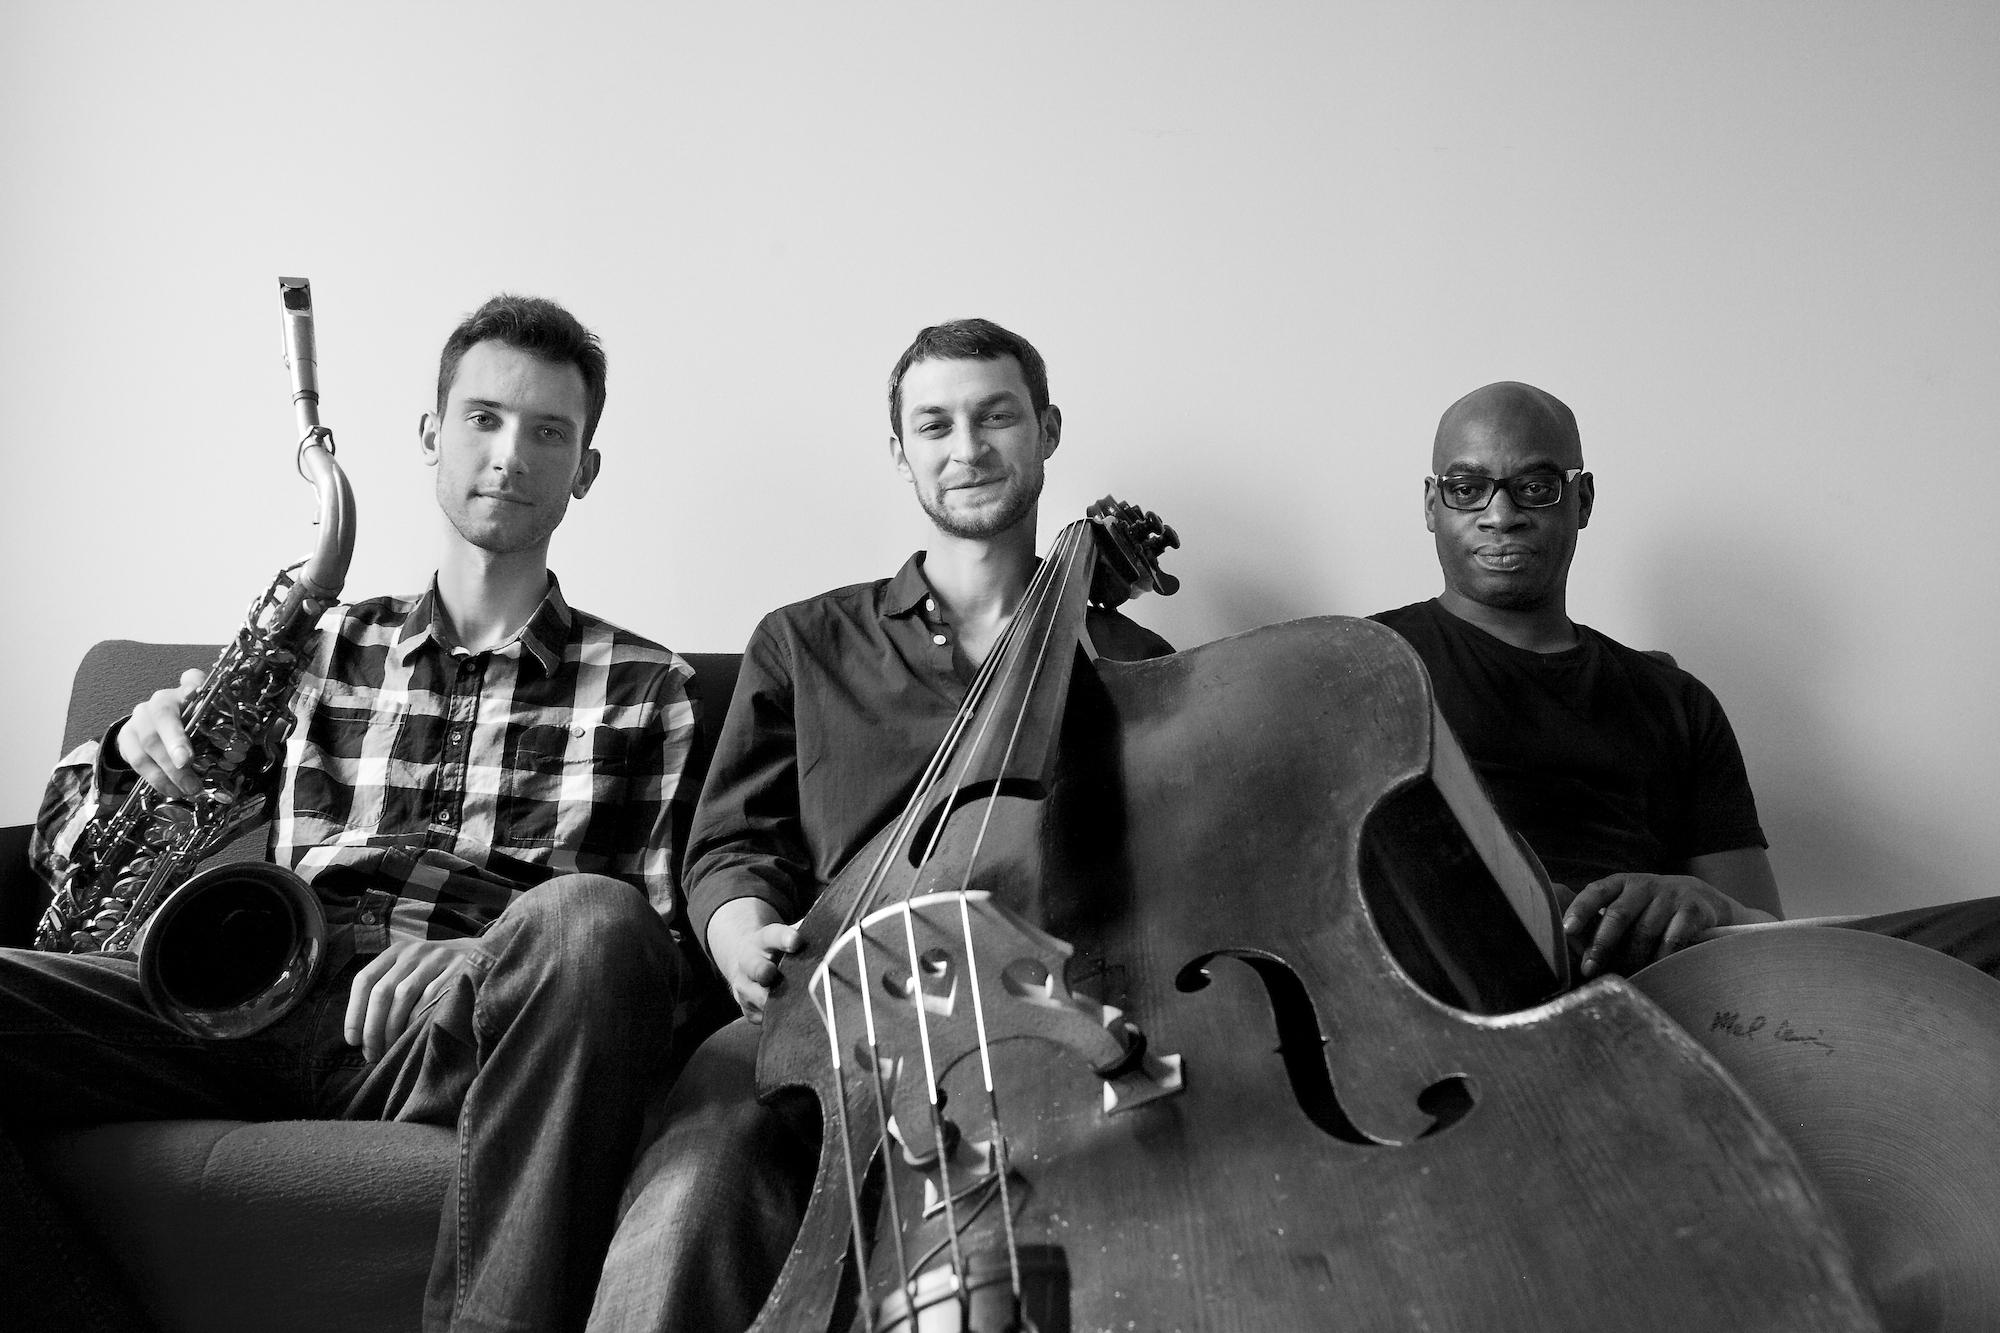 Paziņojums presei: Cēsu Fonoklubā uzstāsies džeza trio Mike Parker's Trio Theory